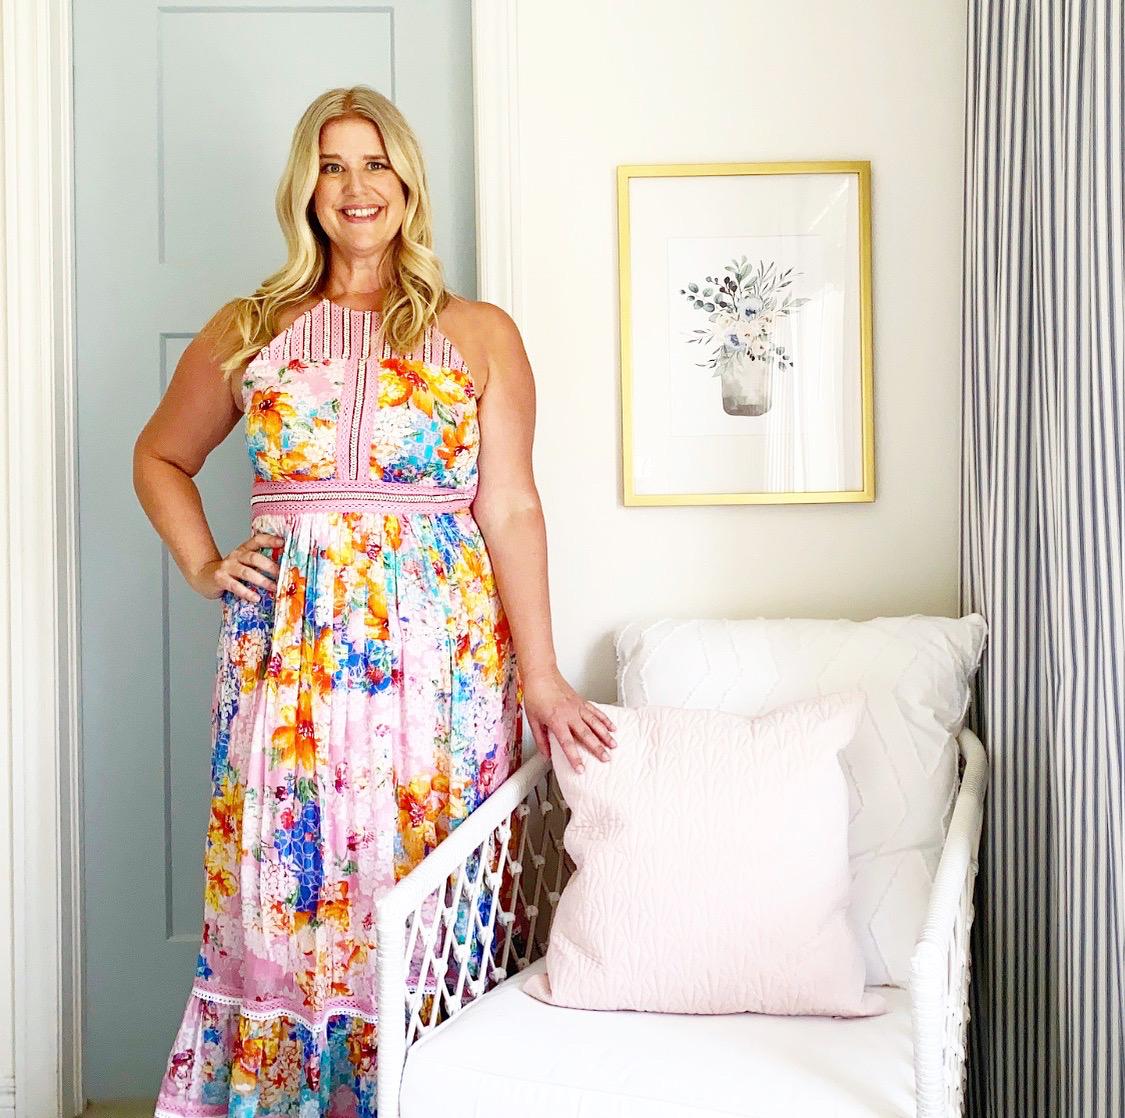 Sarah-Gunn-dresses